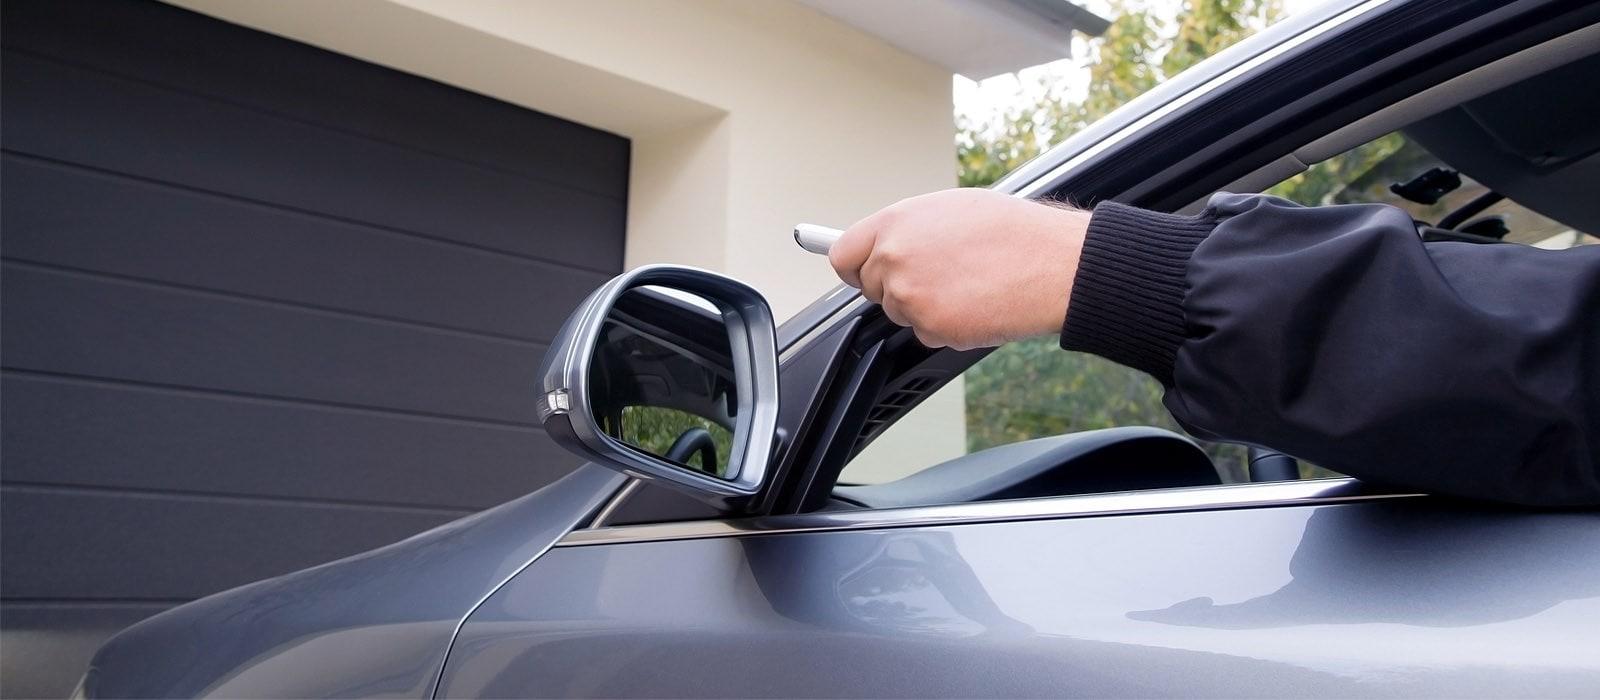 Garage Door Opener Repair Installation In Lincoln Free Estimate